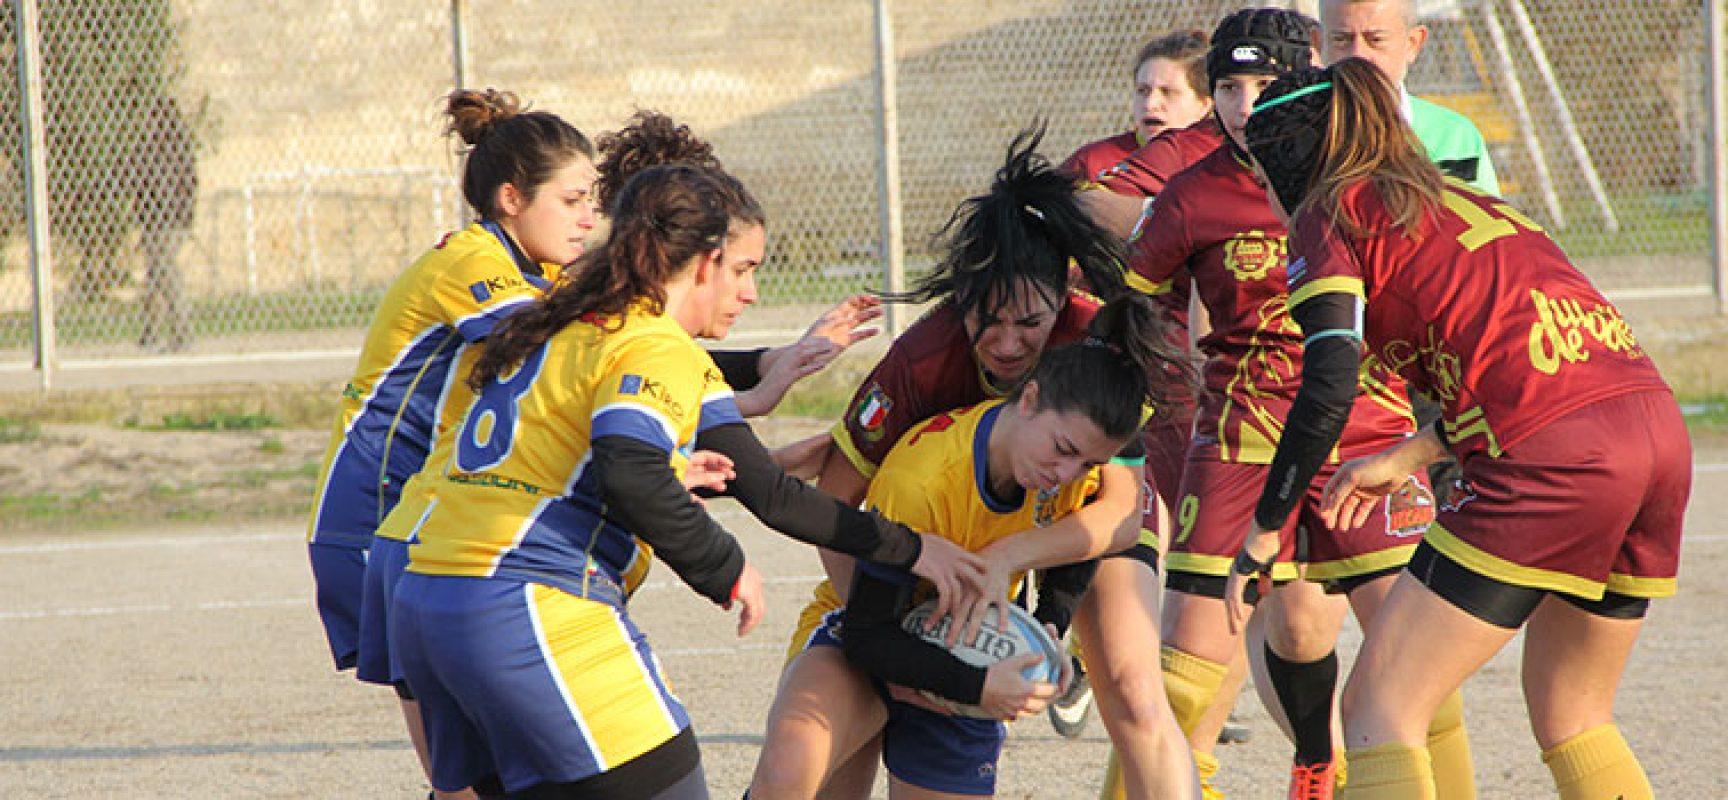 Bees Rugby Bisceglie fa doppietta in Coppa Italia Femminile Seniores / FOTO